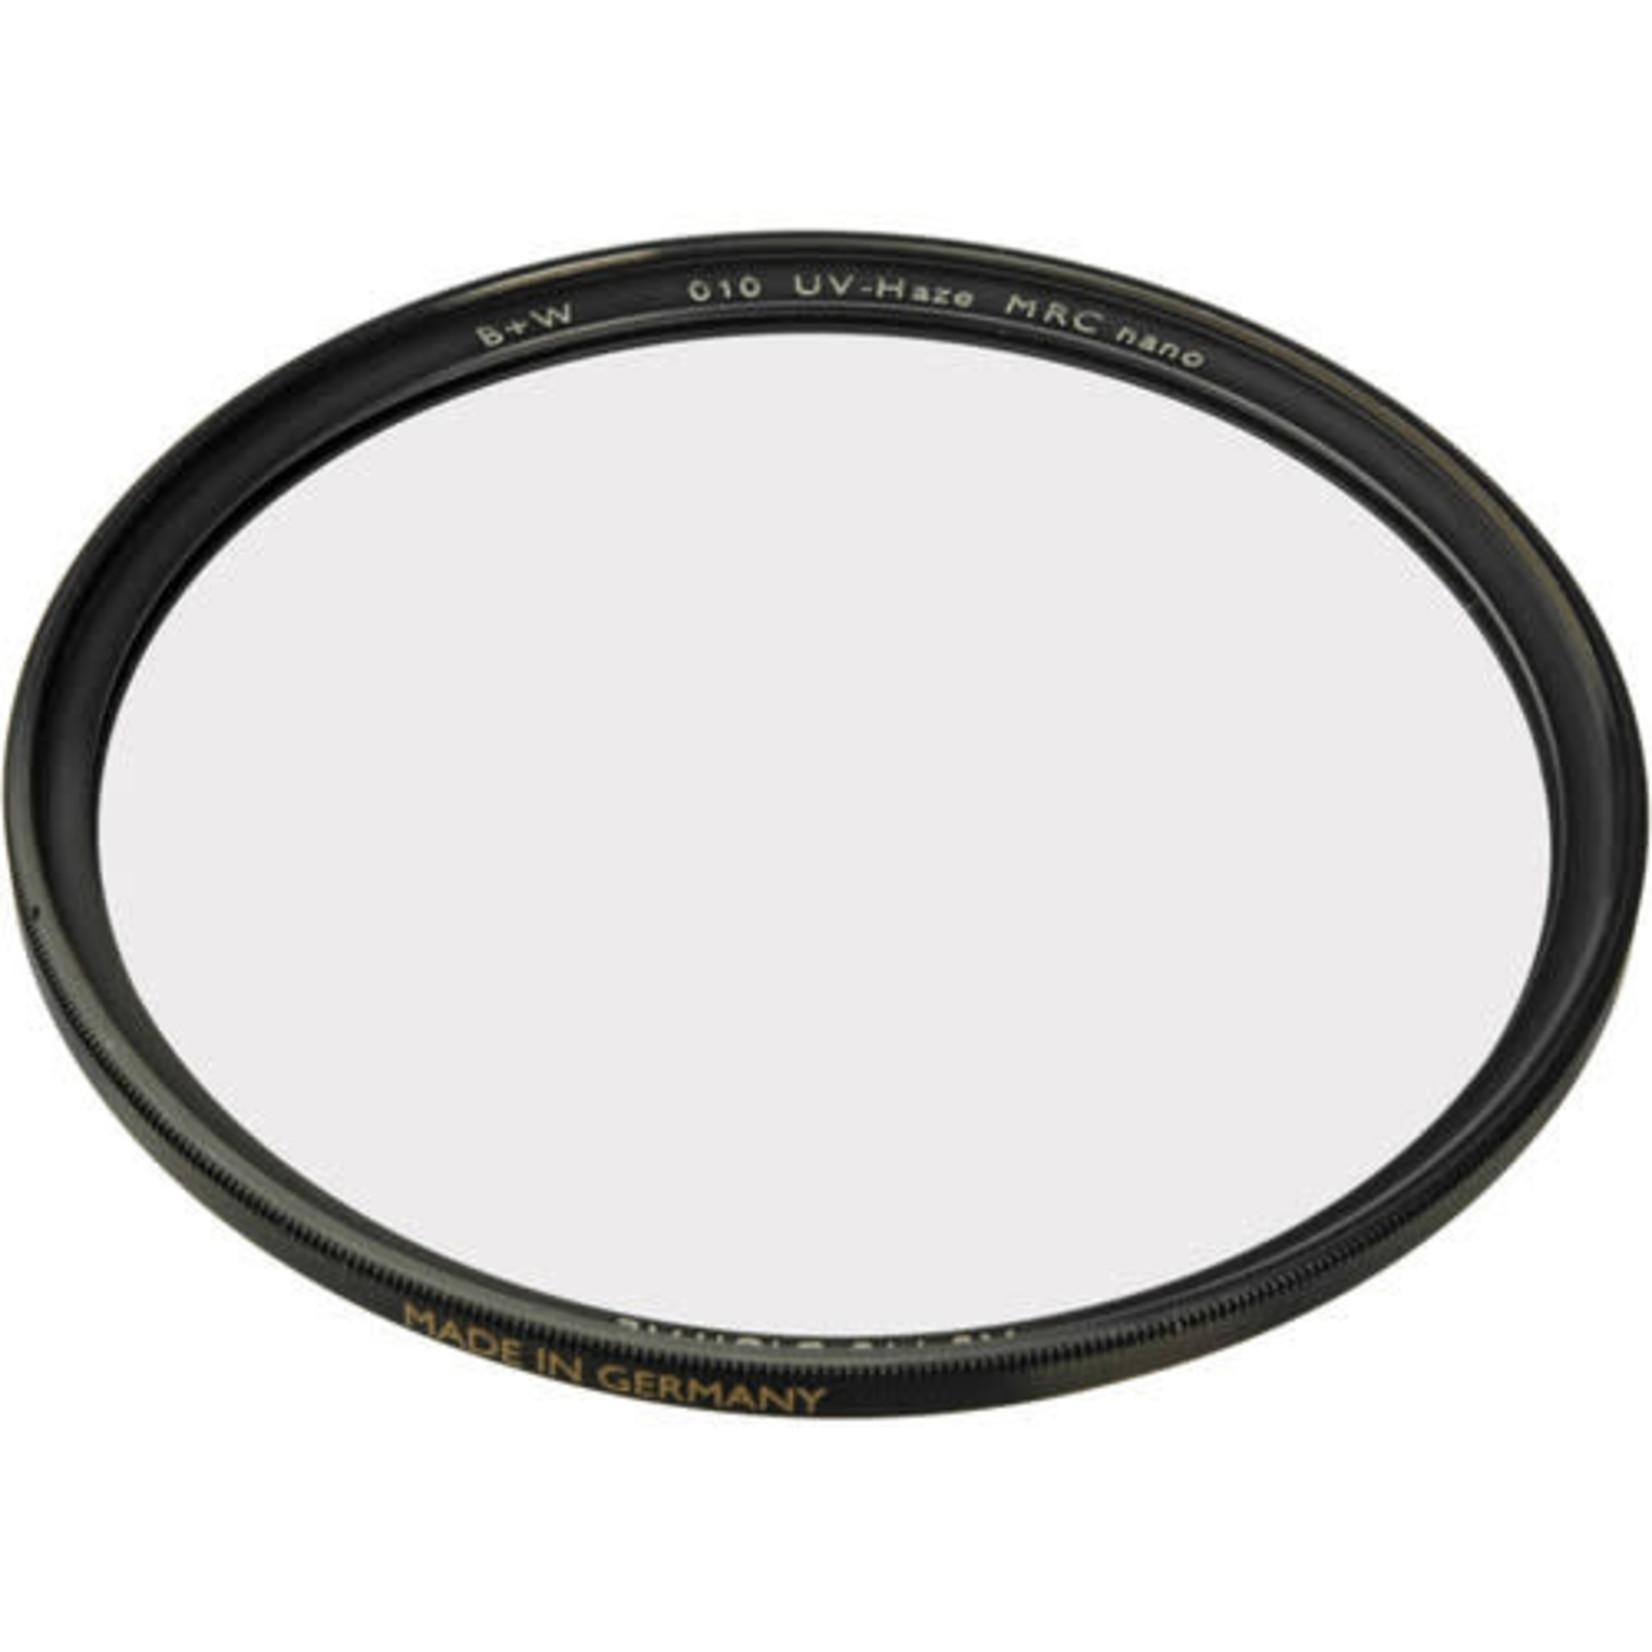 B+W B+W 52mm XS-Pro UV Haze MRC-Nano 010M Filter